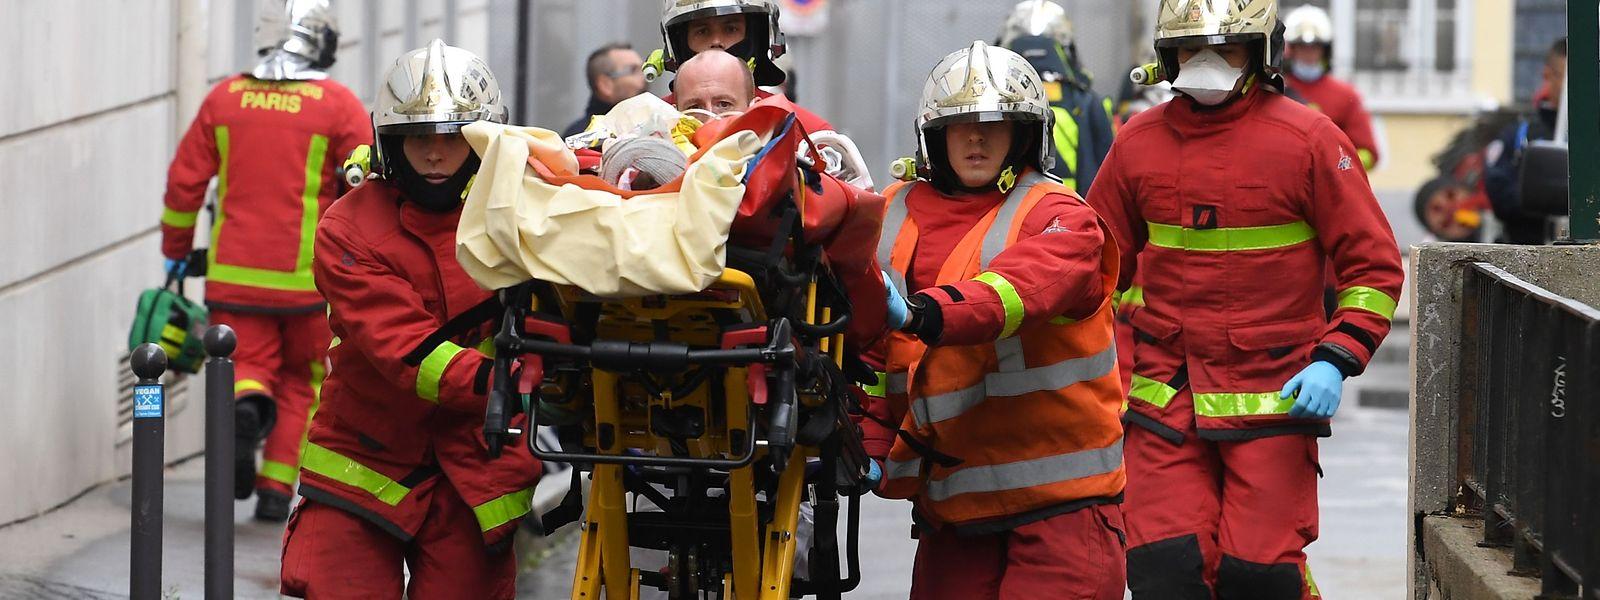 Einsatzkräfte der Feuerwehr schieben eine Trage mit einem Verletzten.